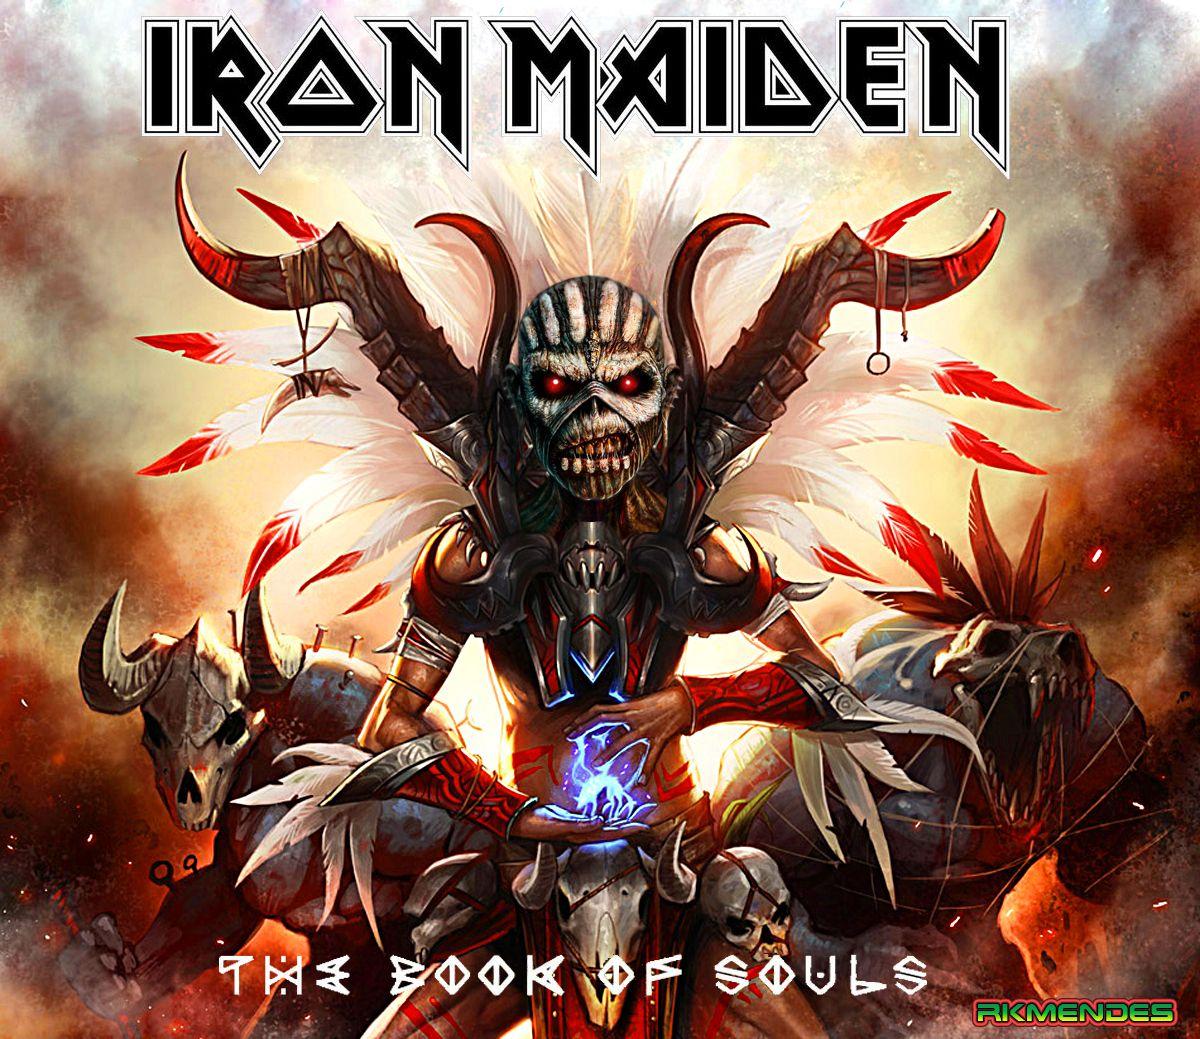 Iron Maiden Book Of Souls Iron Maiden Mascot Iron Maiden Albums Iron Maiden Album Covers